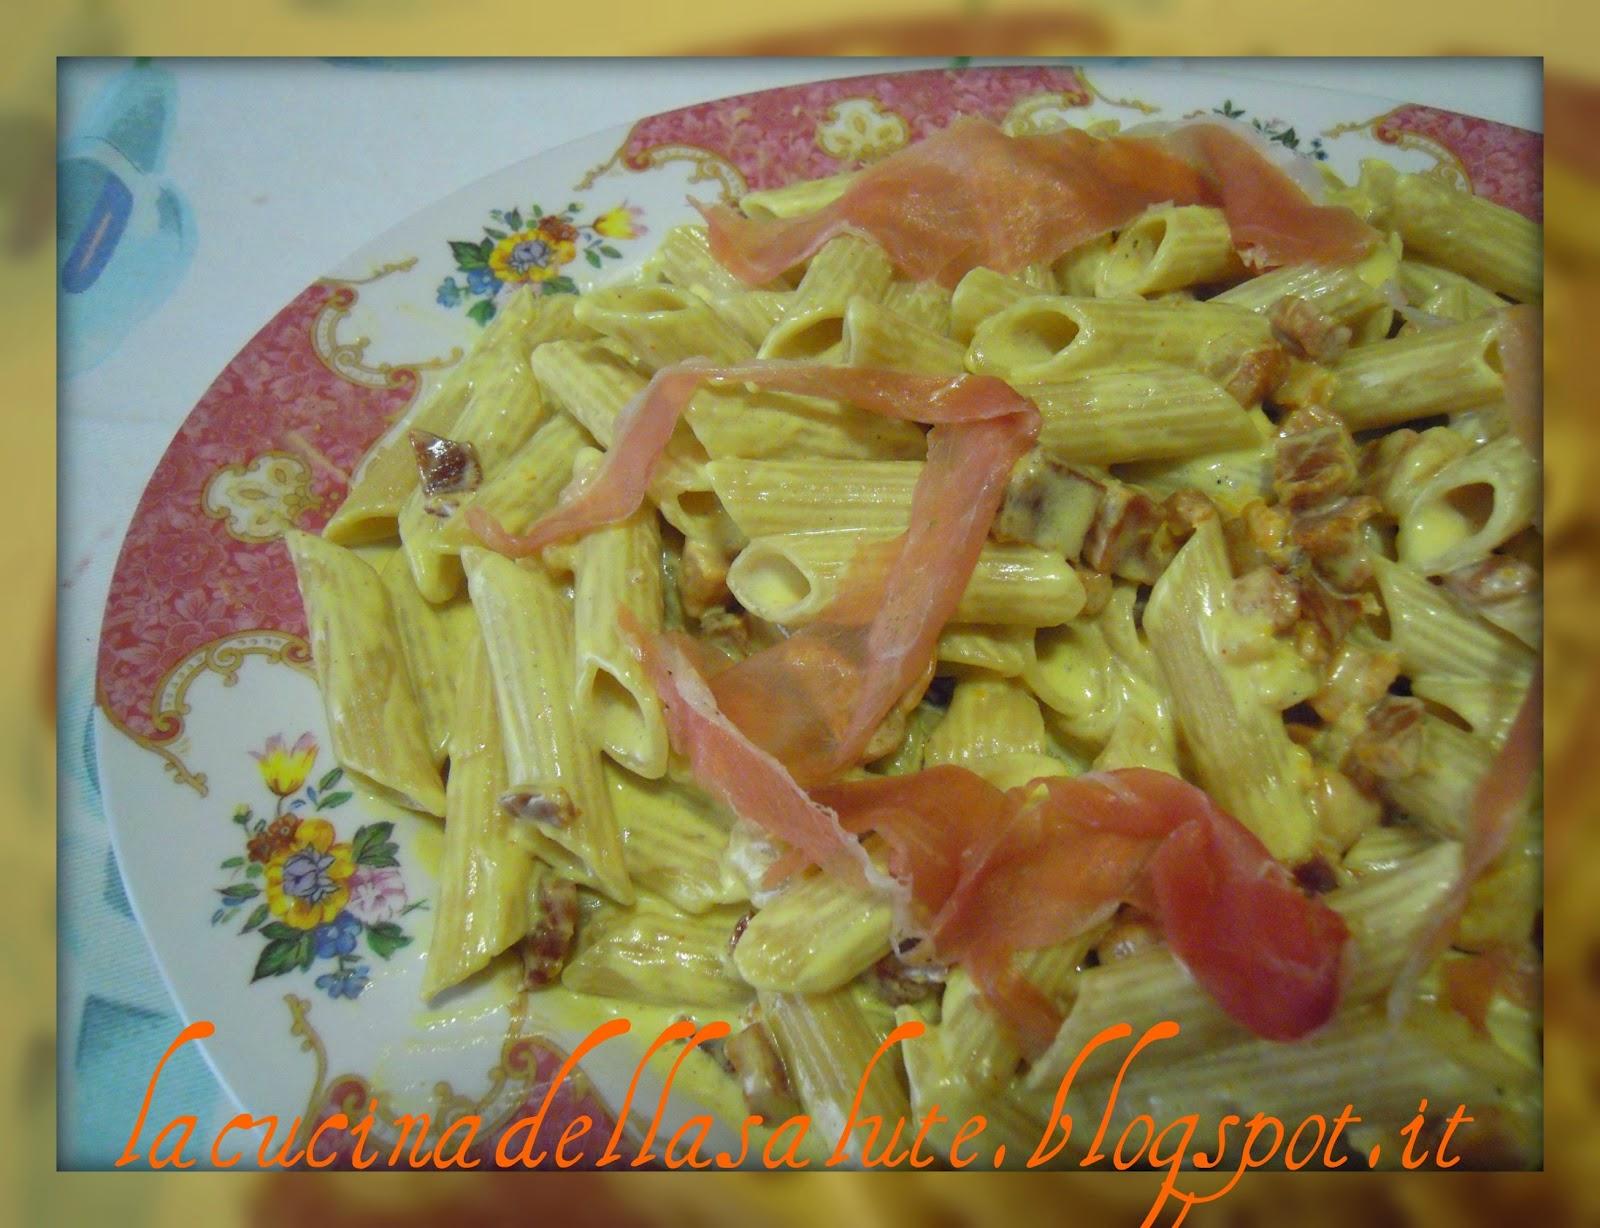 La cucina della salute penne rigate al riso semigreggio al mascarpone speck e zafferano - Giornali di cucina ...